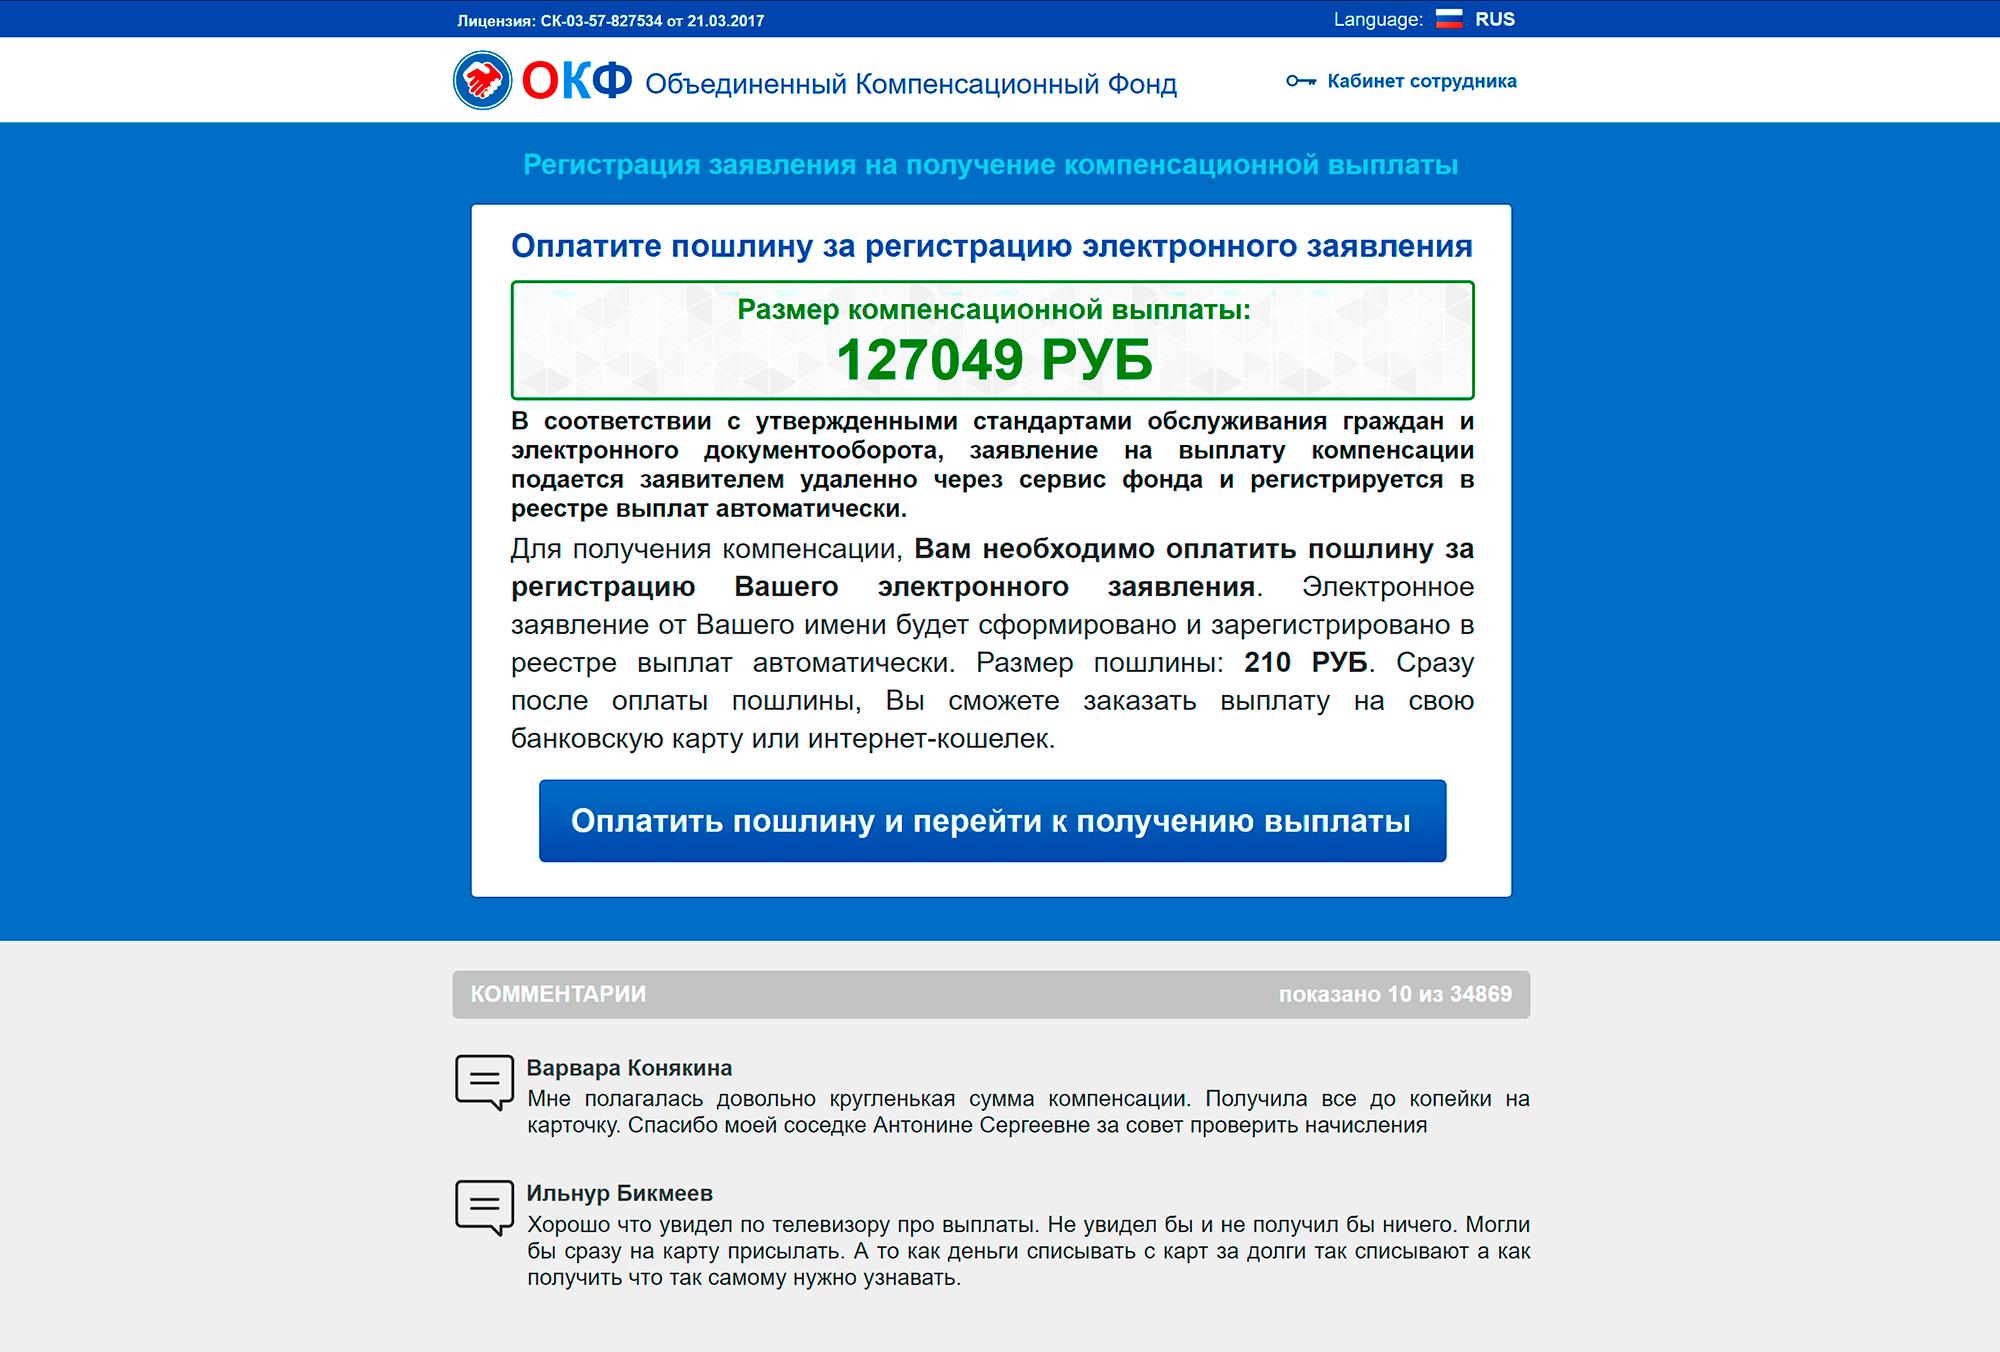 Конечно, придется заплатить 210 рублей, но это же копейки по сравнению со 127 тысячами. Разница тоже в 600 раз